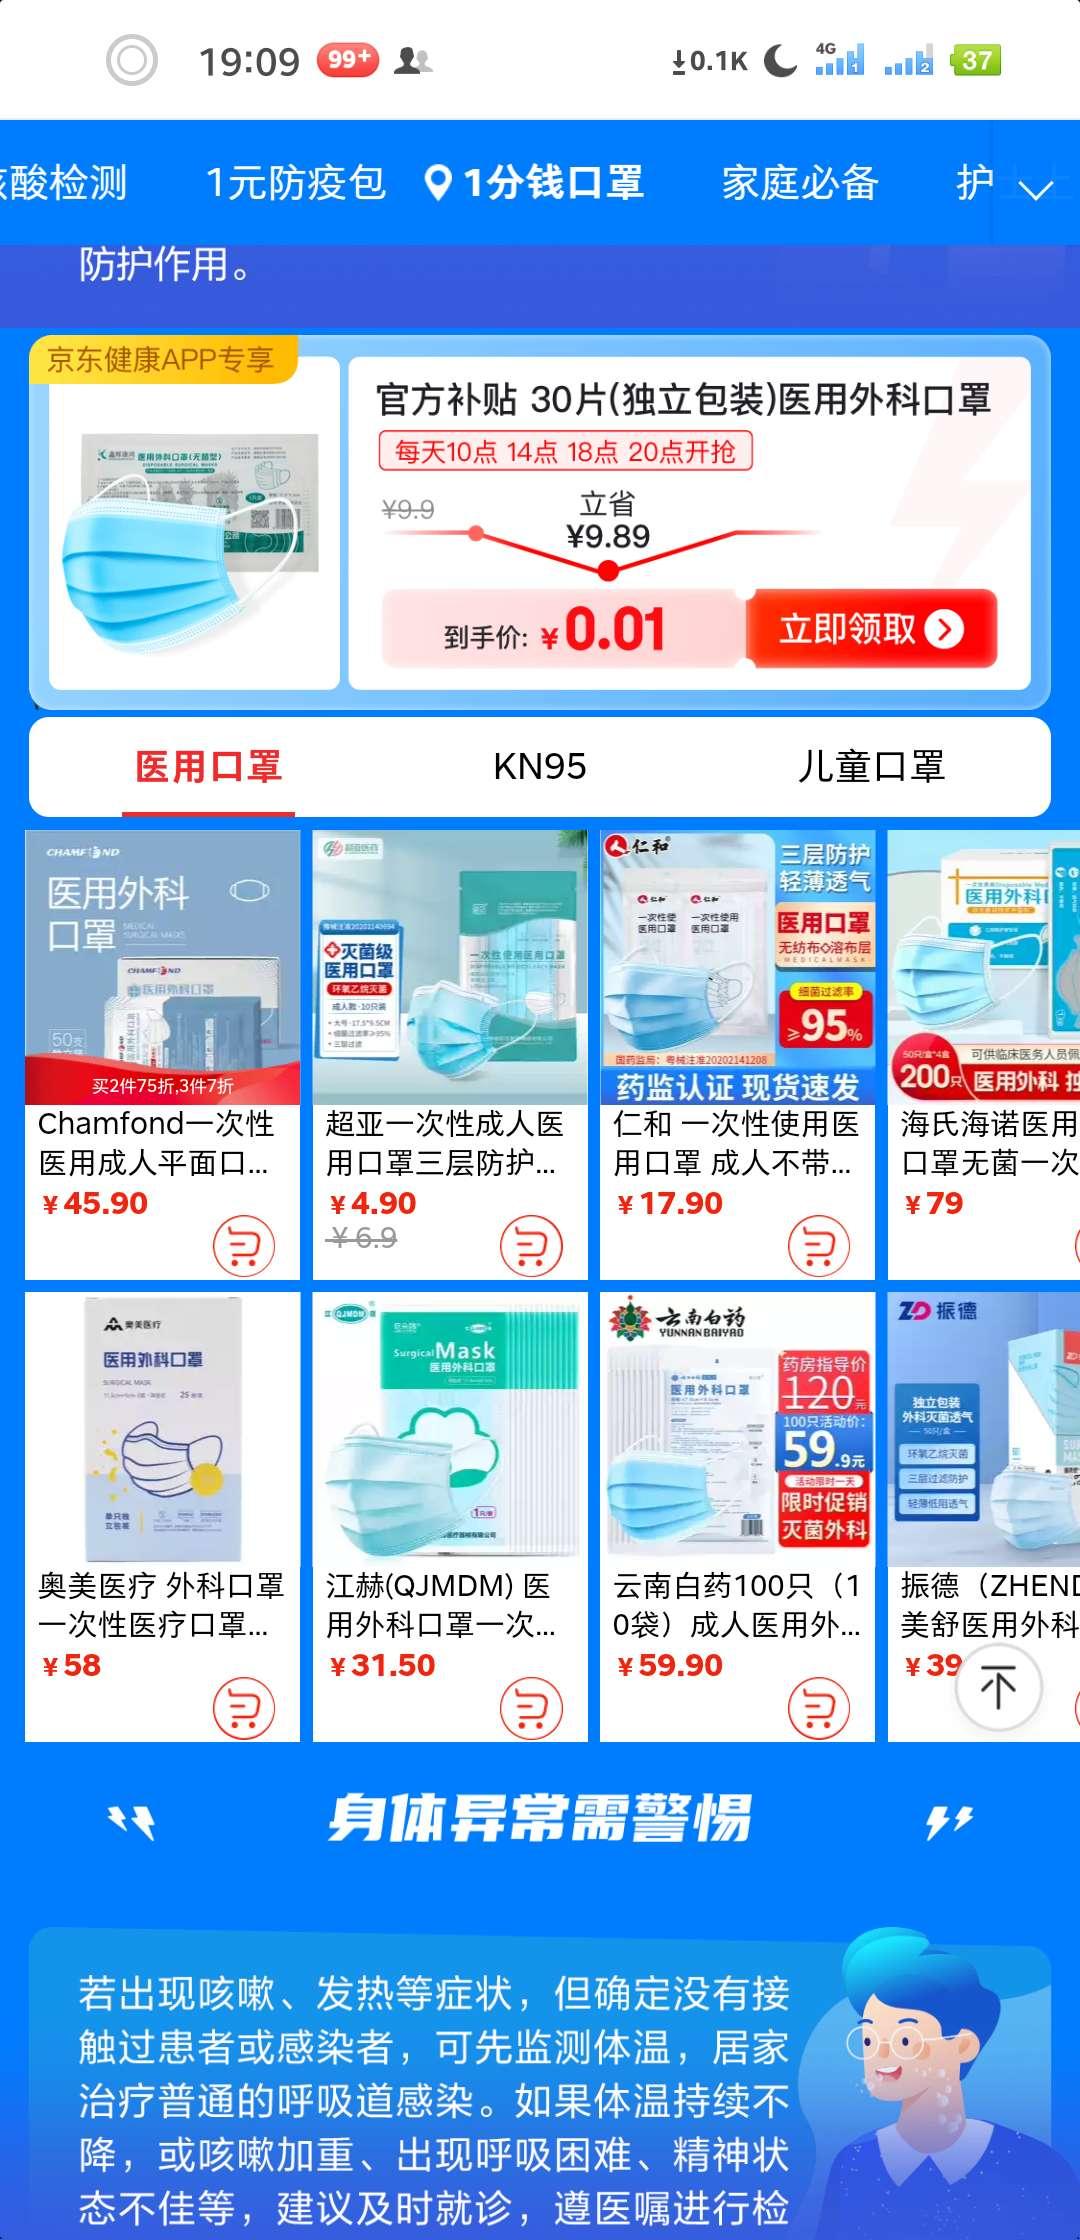 【实物区】京东1美分30个口罩,部分地区不能交换插图